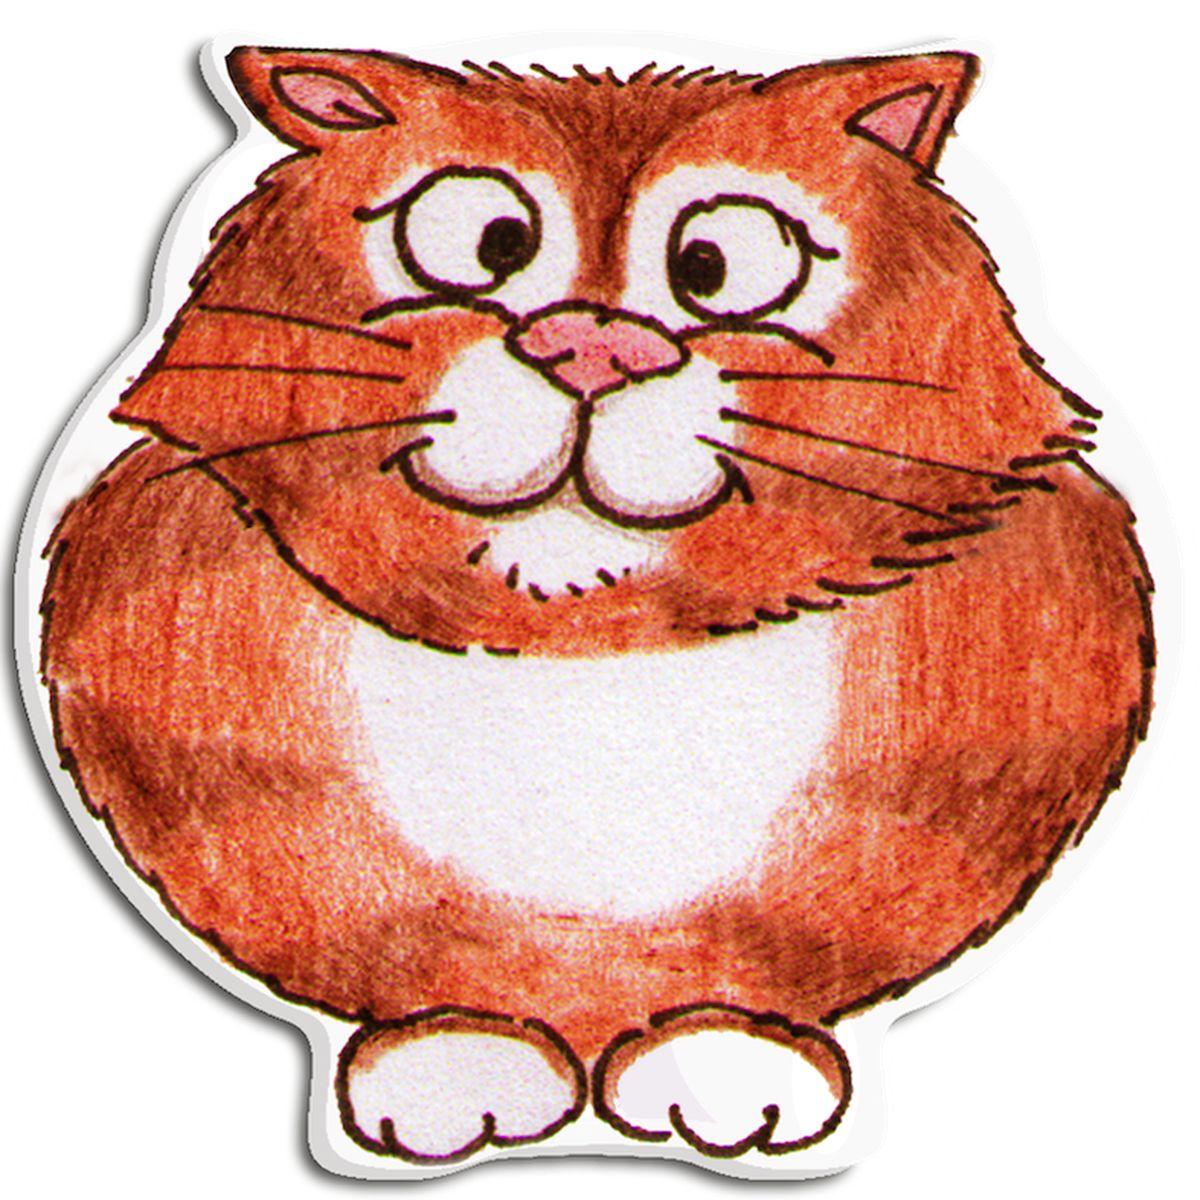 Подставка под горячее GiftnHome Рыжий кот, 20 см х 20 смКот-OrangeПодставка под горячее GiftnHome Рыжий кот выполнена из высококачественной керамики. Изделие, выполненное в форме кота, идеально впишется в интерьер современной кухни. Специальное пробковое основание подставки защитит вашу мебель от царапин. Подставка имеет отверстие, за которое ее можно повесить в любое удобное место. Изделие не боится высоких температур и легко чиститься от пятен и жира. Каждая хозяйка знает, что подставка под горячее - это незаменимый и очень полезный аксессуар на каждой кухне. Ваш стол будет не только украшен оригинальной подставкой с красивым рисунком, но и сбережен от воздействия высоких температур ваших кулинарных шедевров. Нельзя мыть в посудомоечной машине. Размер подставки: 20 см х 20 см х 0,8 см.